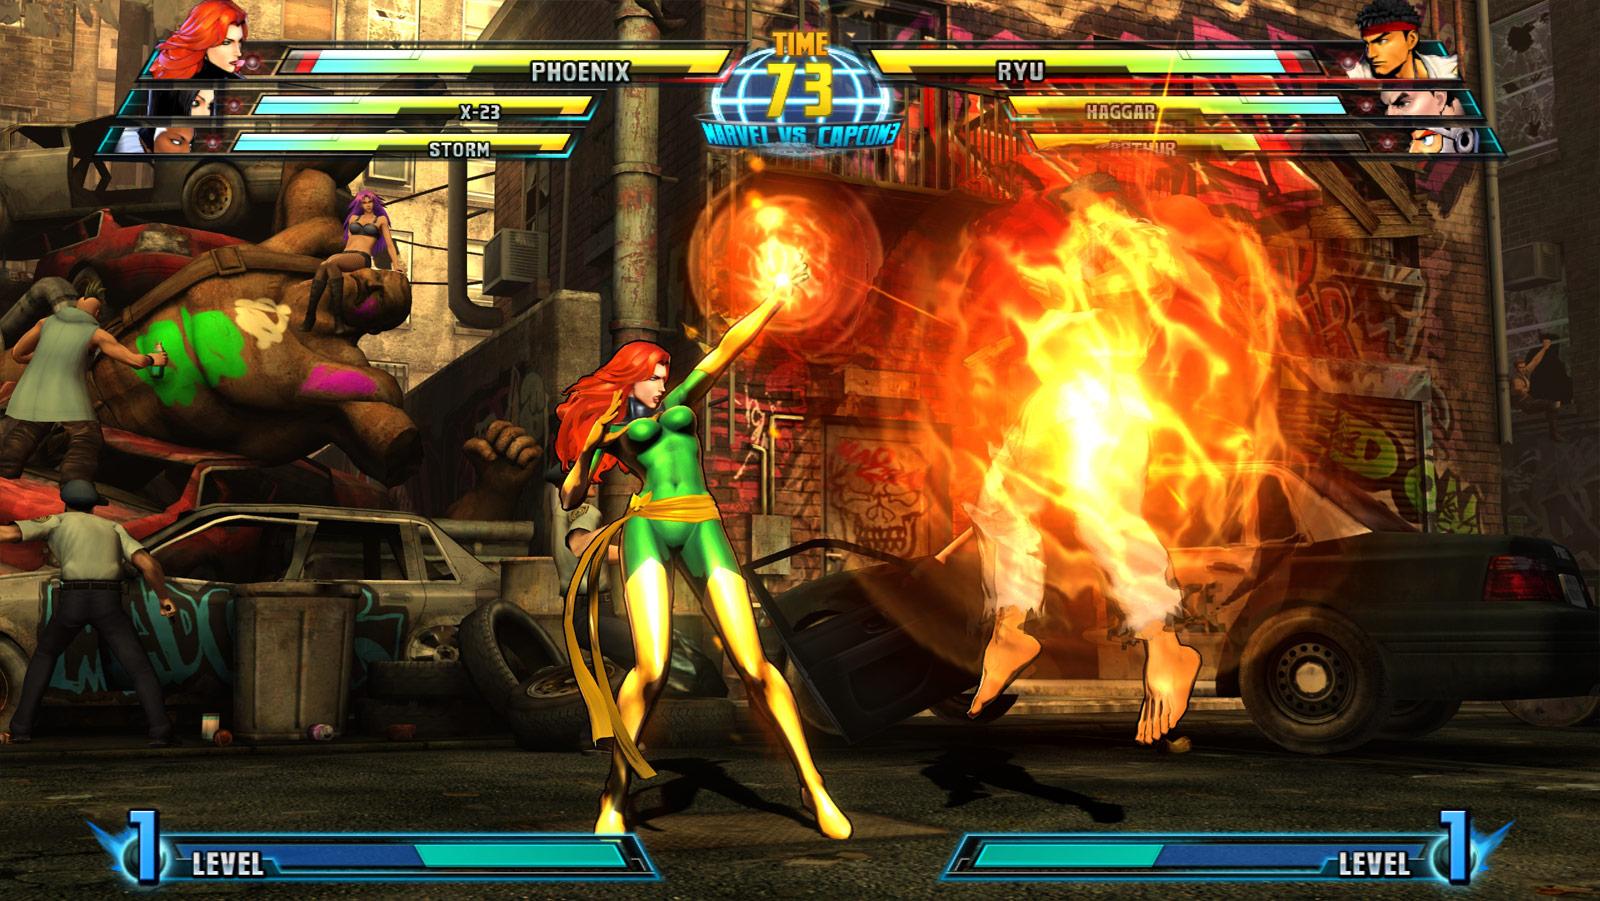 Phoenix and Haggar screen shots for Marvel vs. Capcom 3 #8